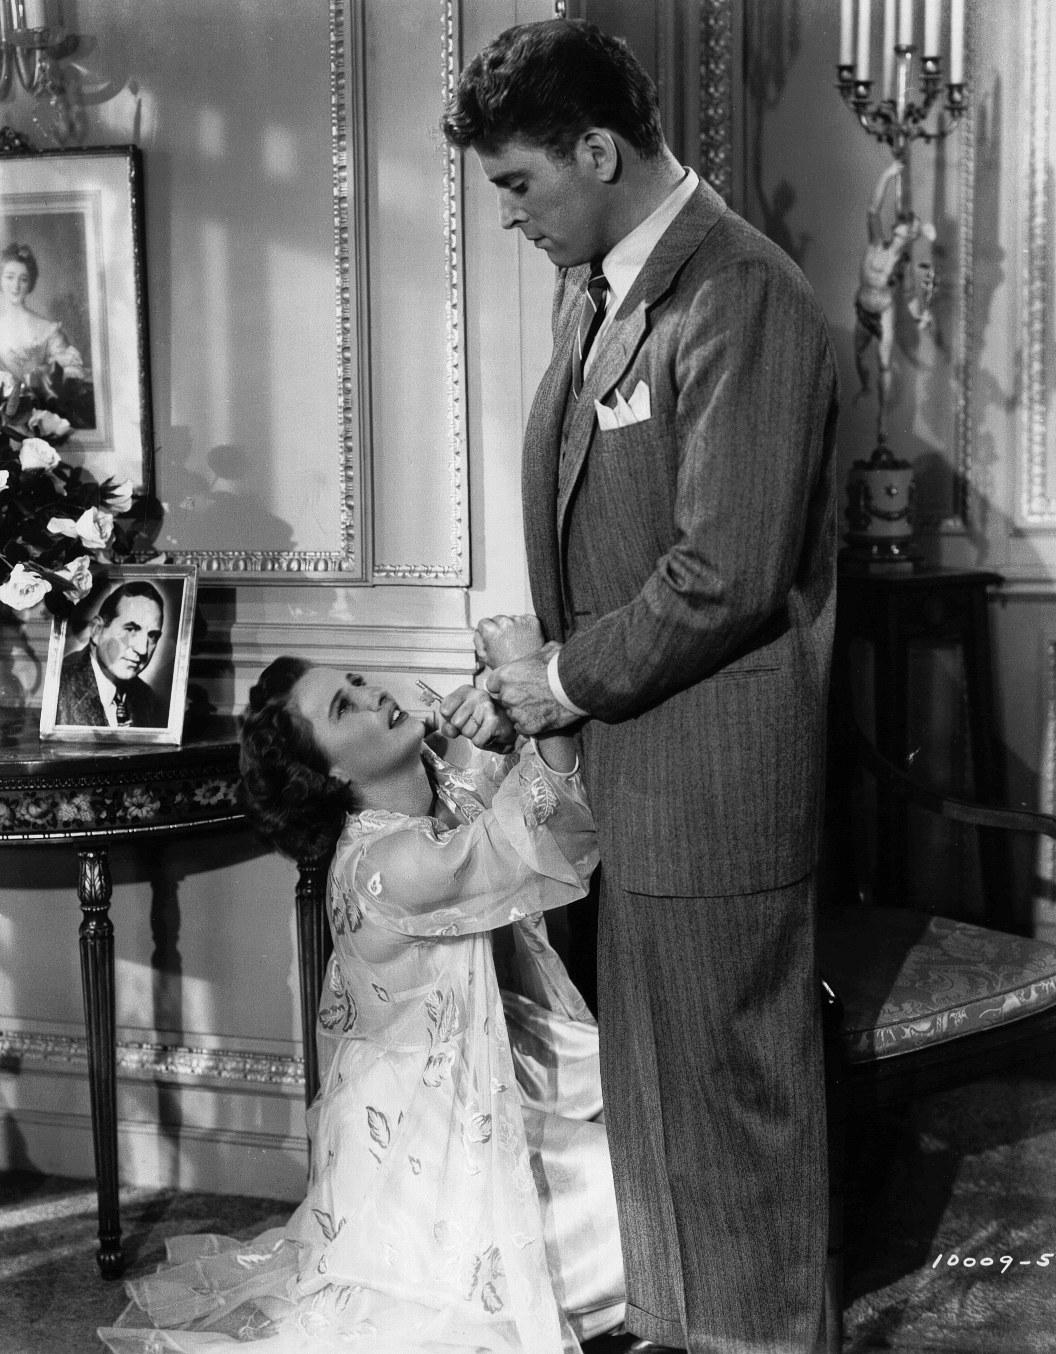 Фильм «Извините, ошиблись номером» (1948): Берт Ланкастер, Барбара Стэнвик 1056x1354